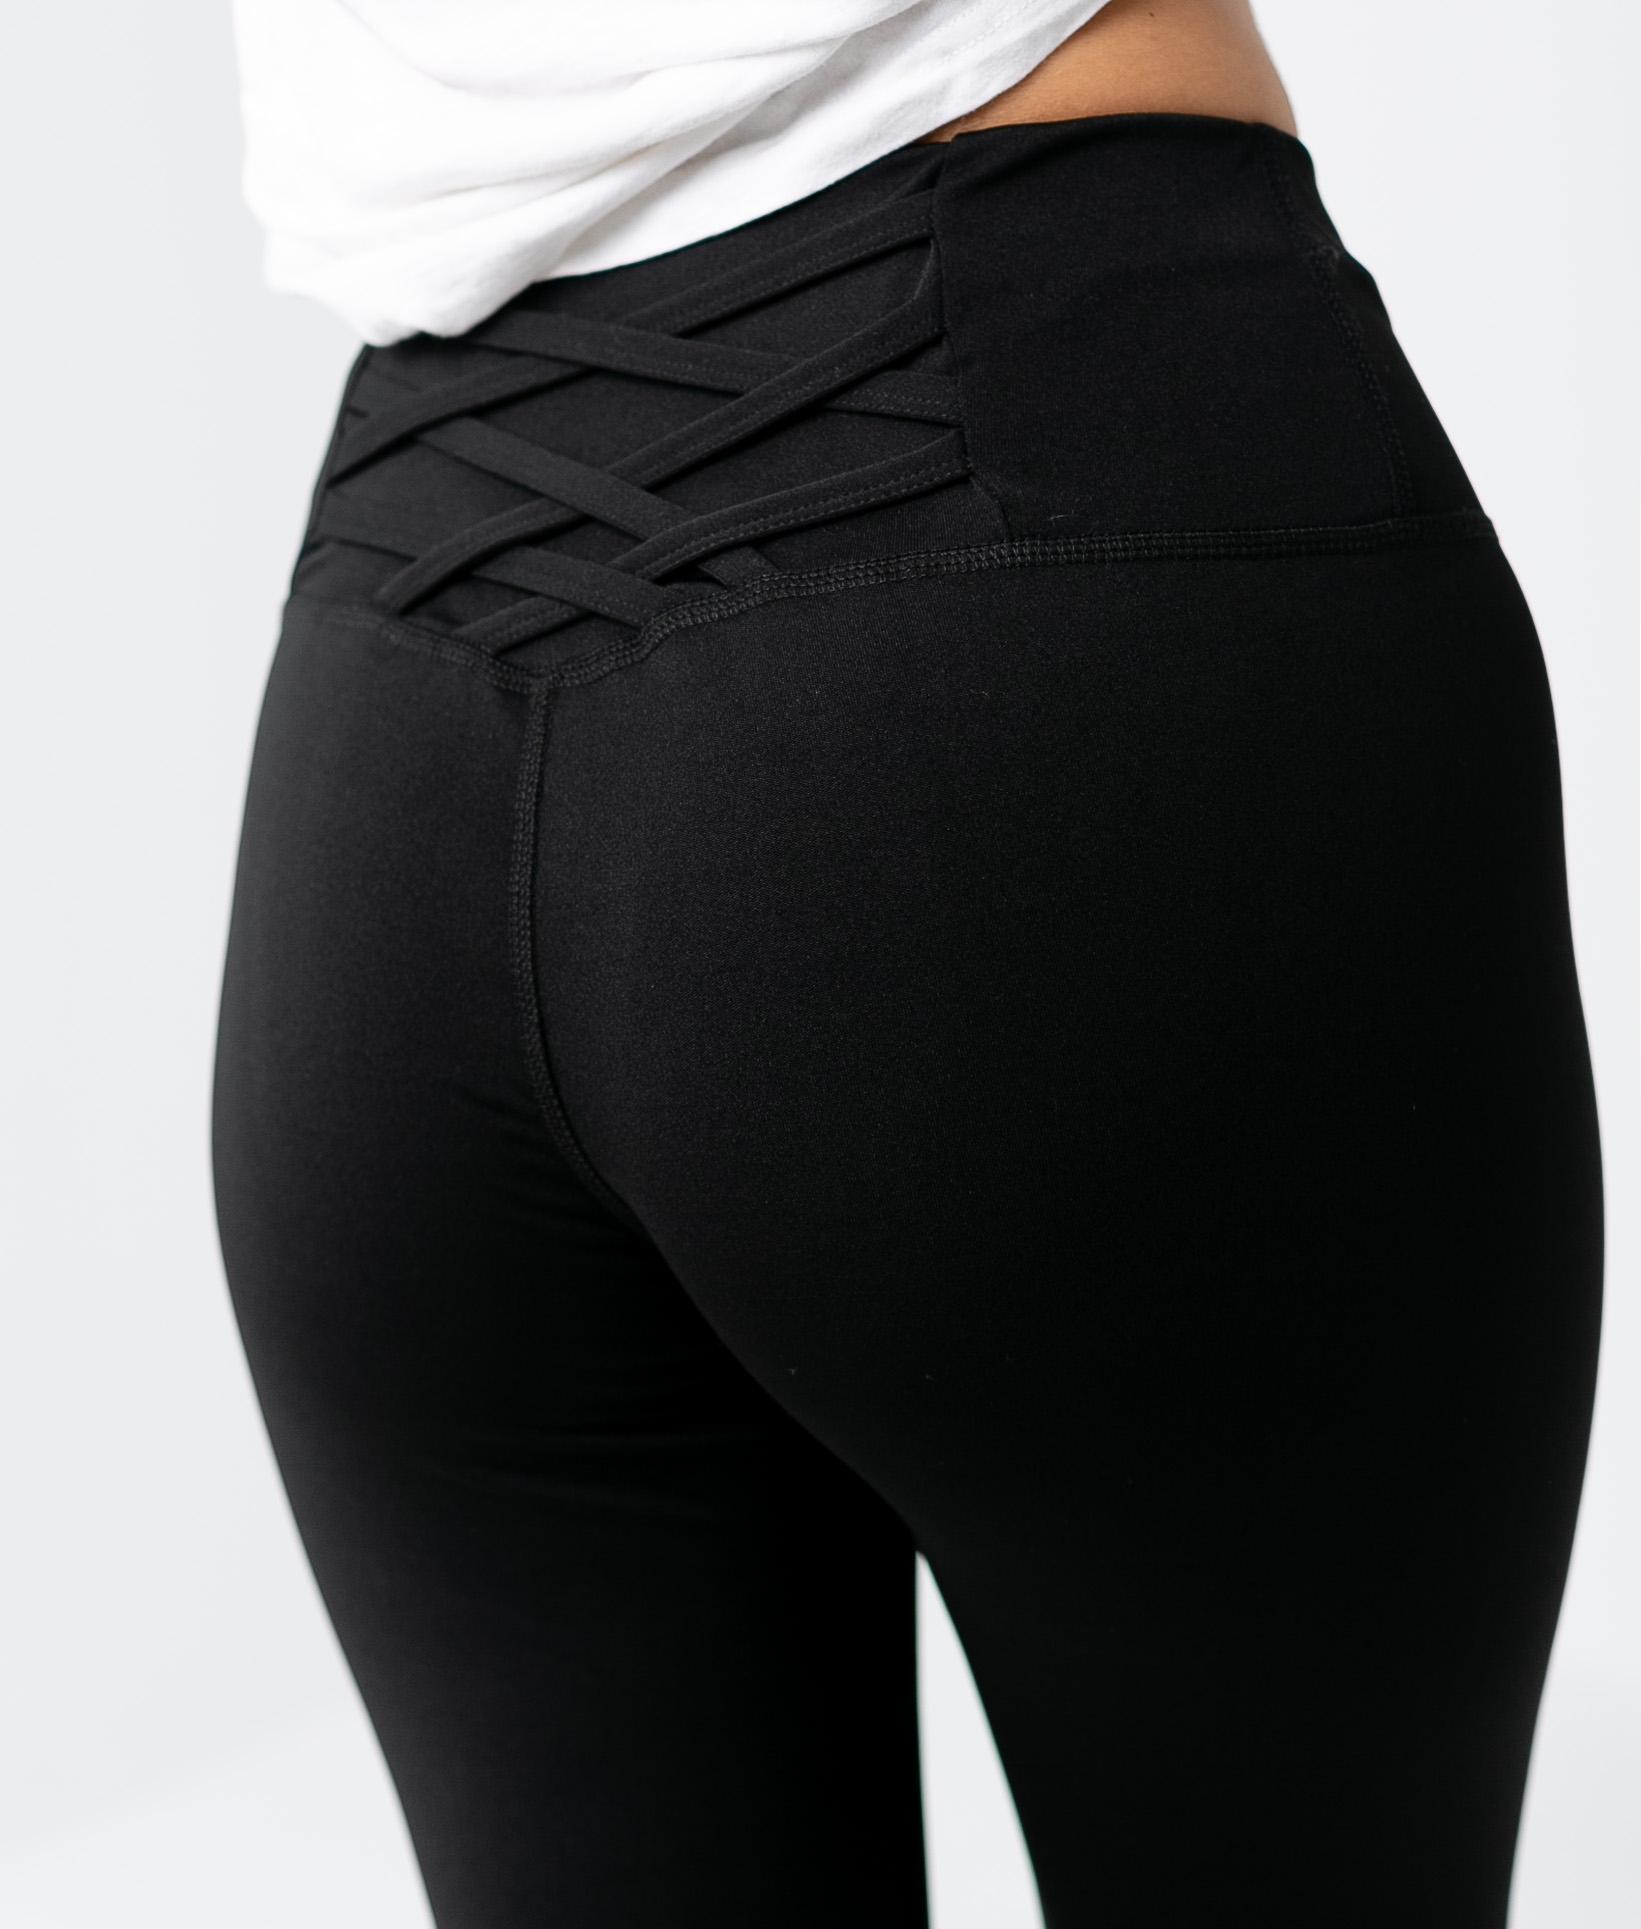 Tritea leggins - Black